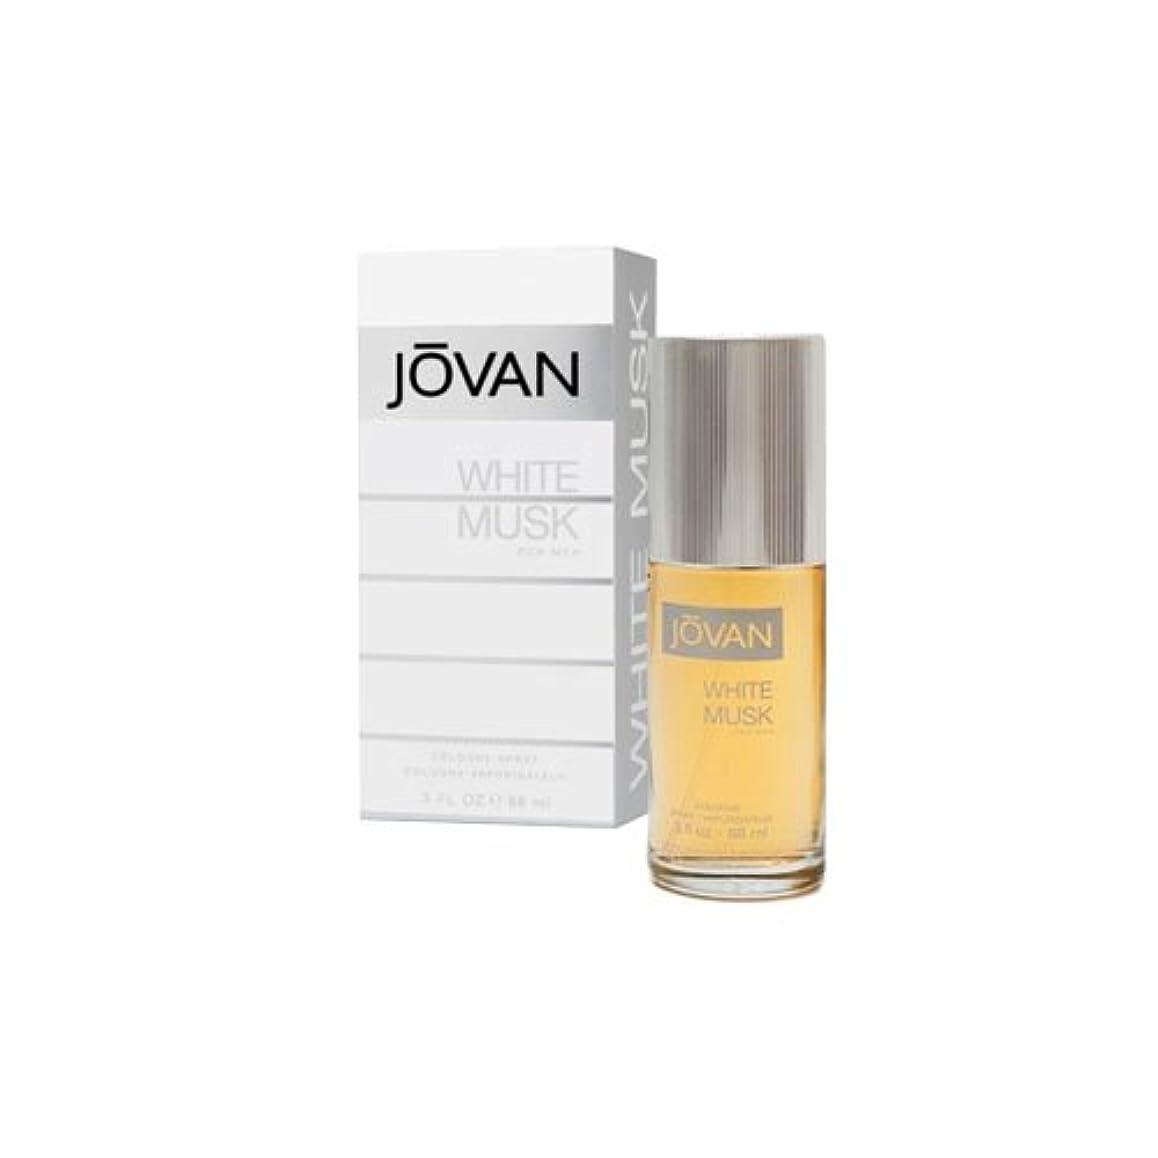 滞在知恵正しいJOVAN ジョーバン ホワイト ムスク フォーメン 88ml メンズ 香水 (並行輸入品)